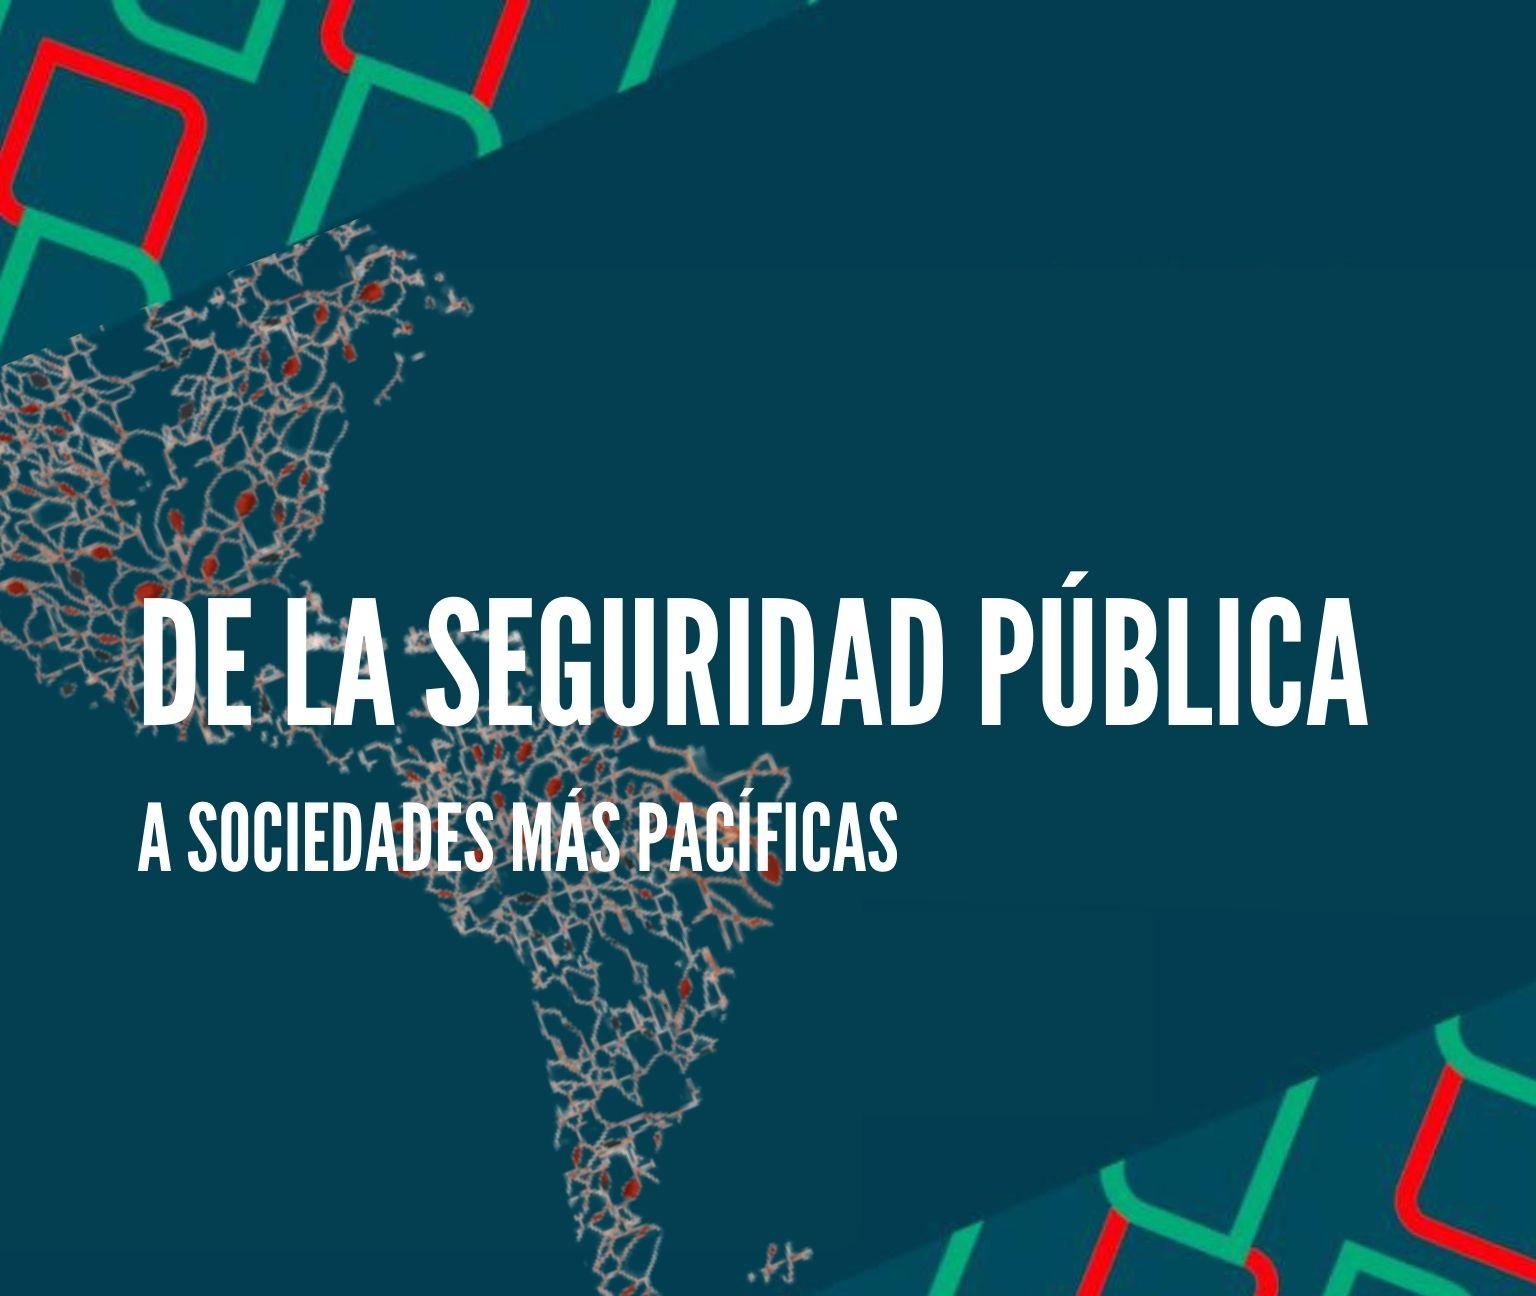 Violencia policial y social: la vulneración de los derechos humanos en las democracias latinoamericanas